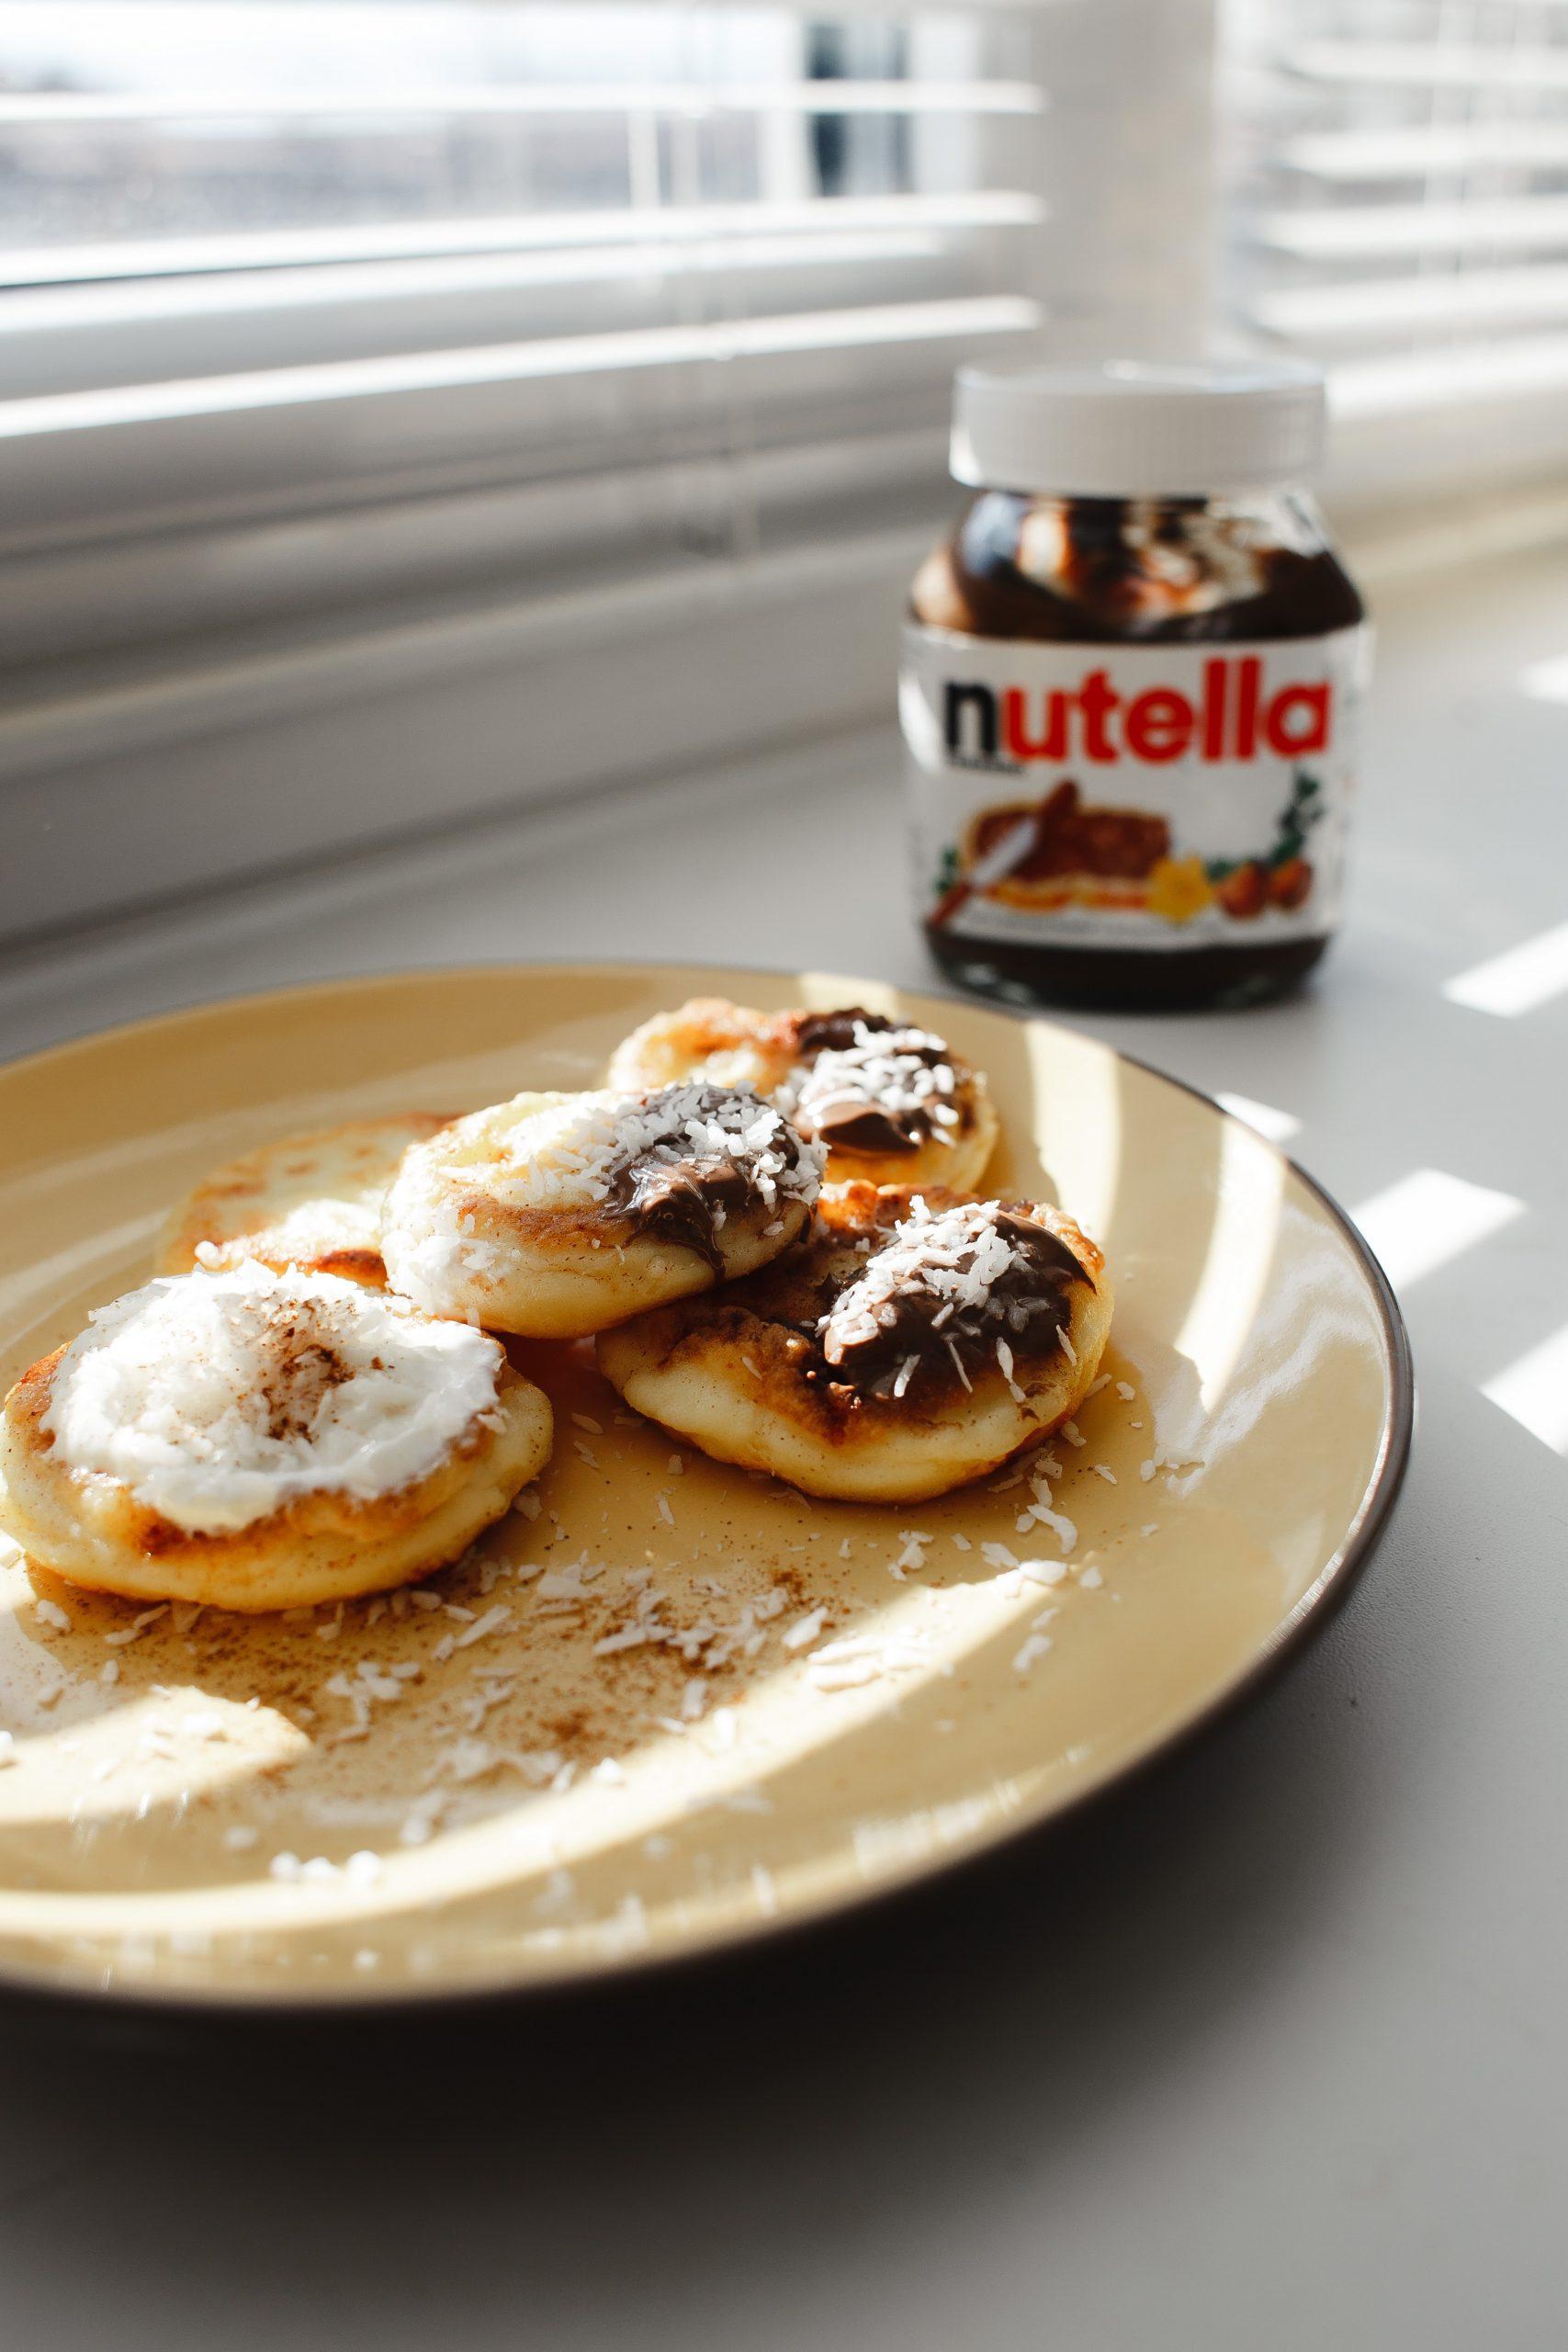 Frühstück mit Nutella qmBase Qualitätsmanagement